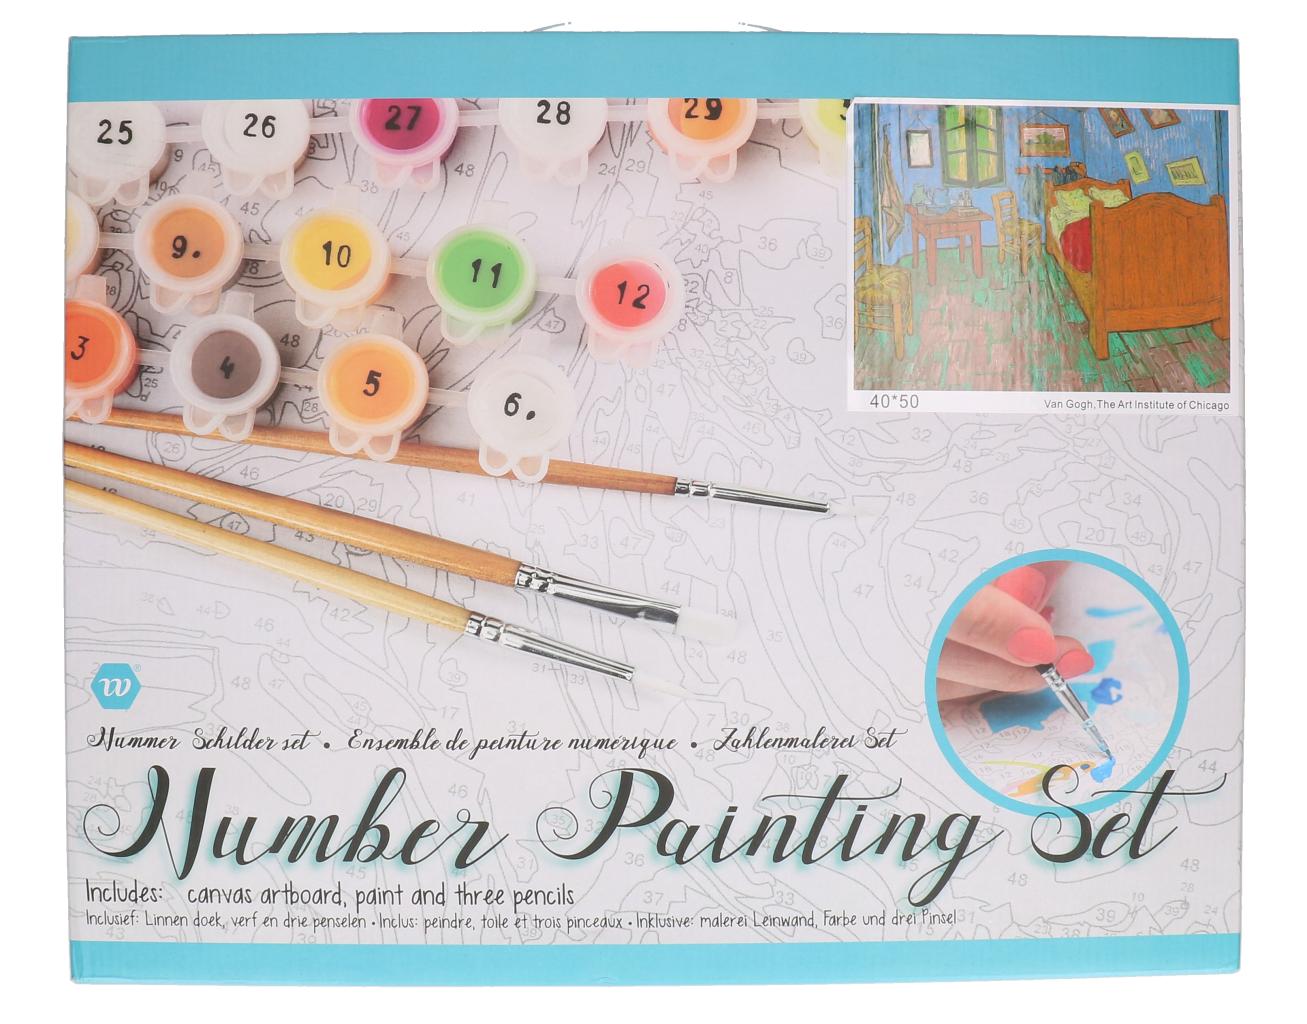 Number painting Van Gogh